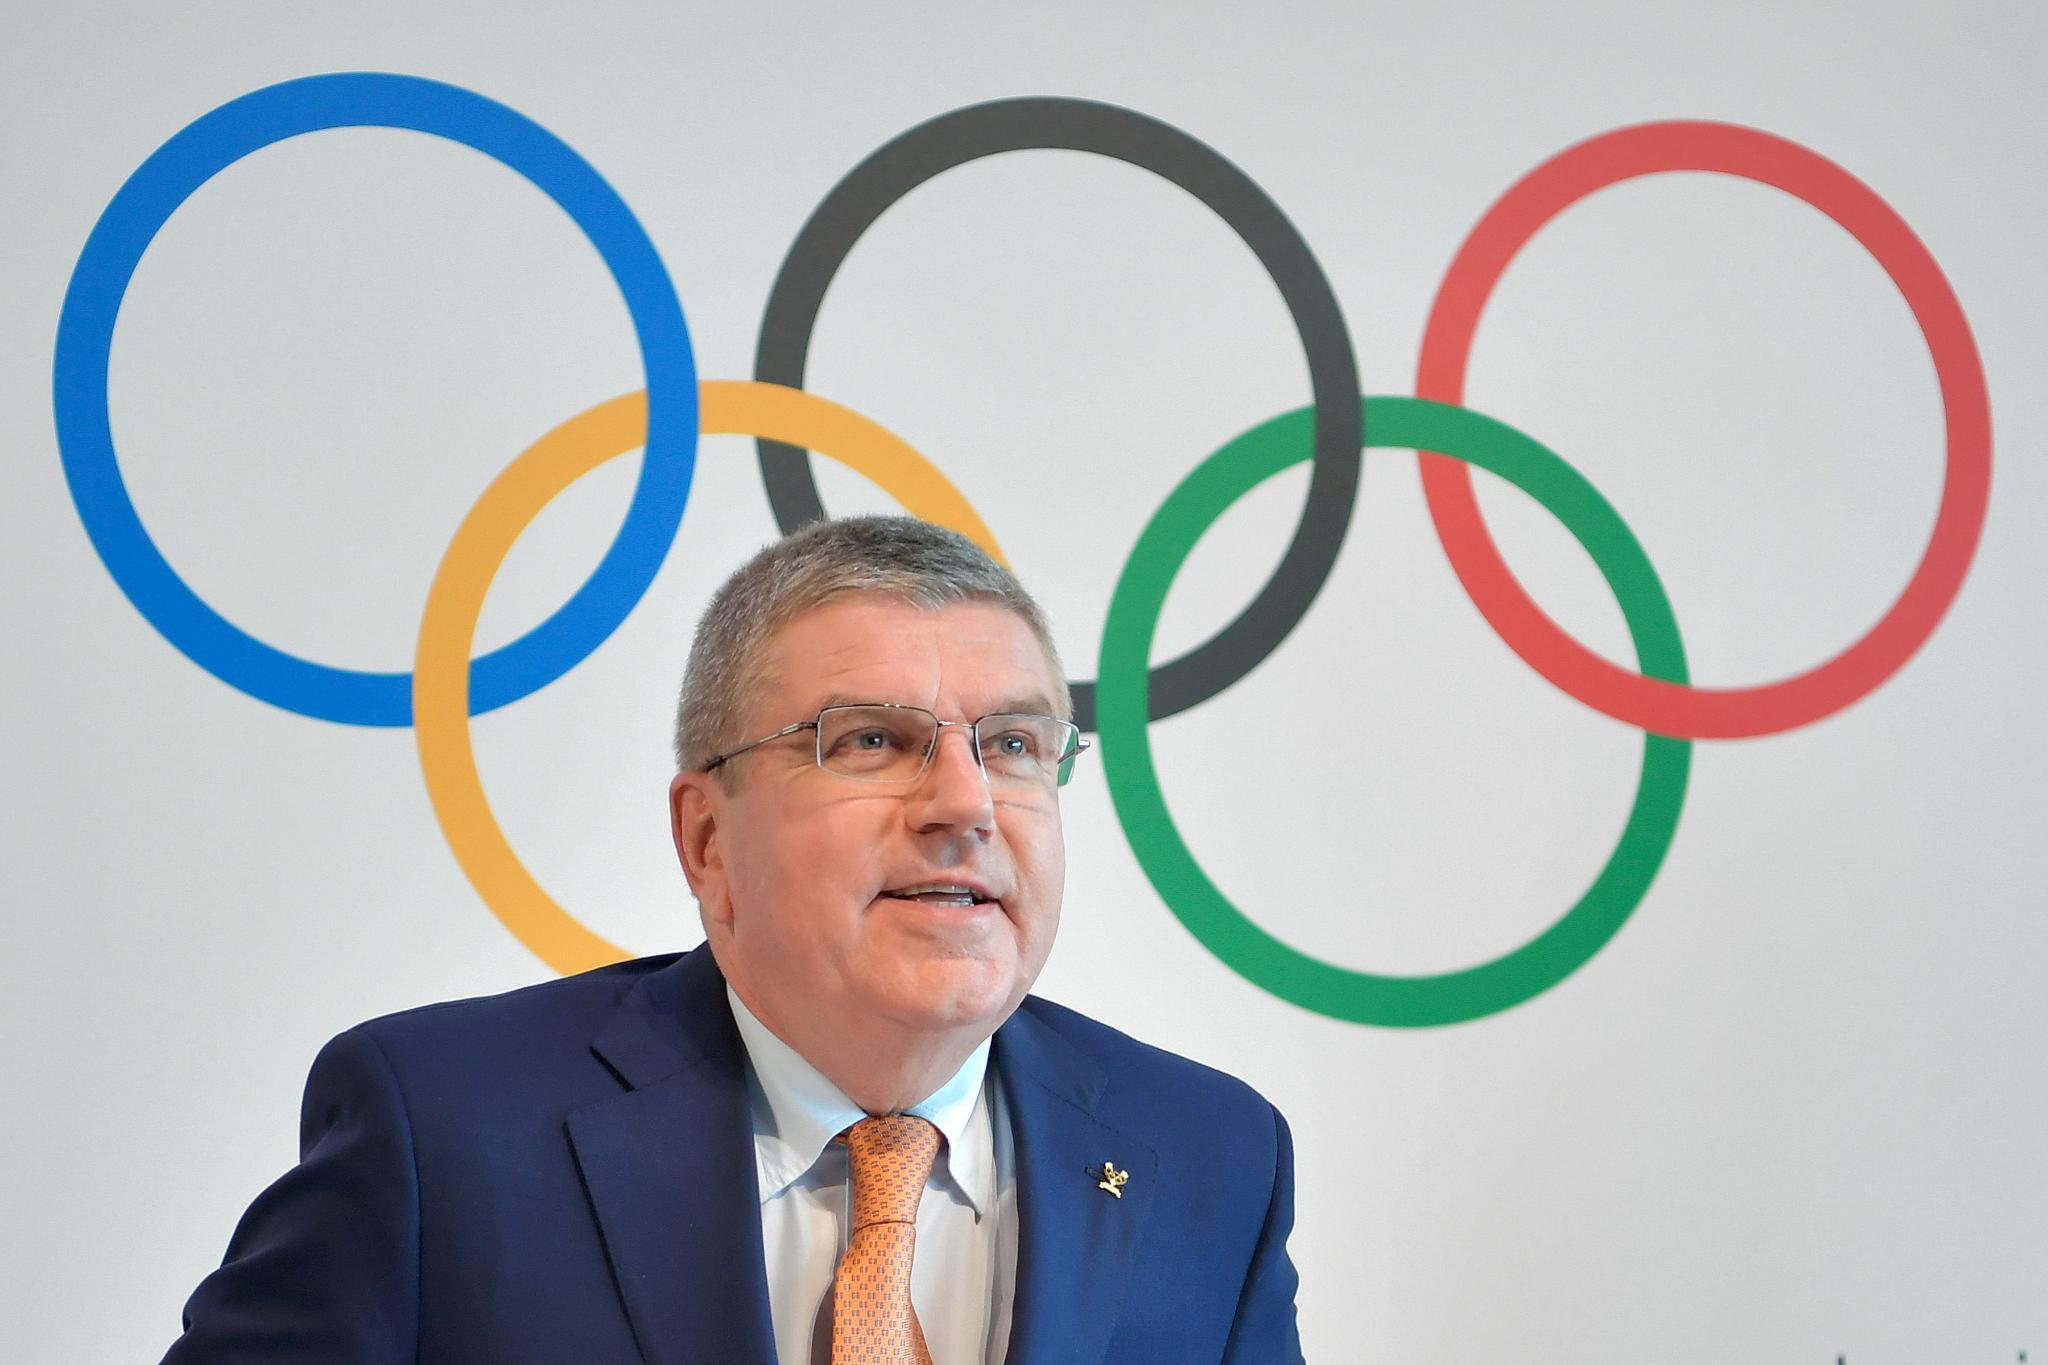 Thomas Bach und die Olympiade 2024